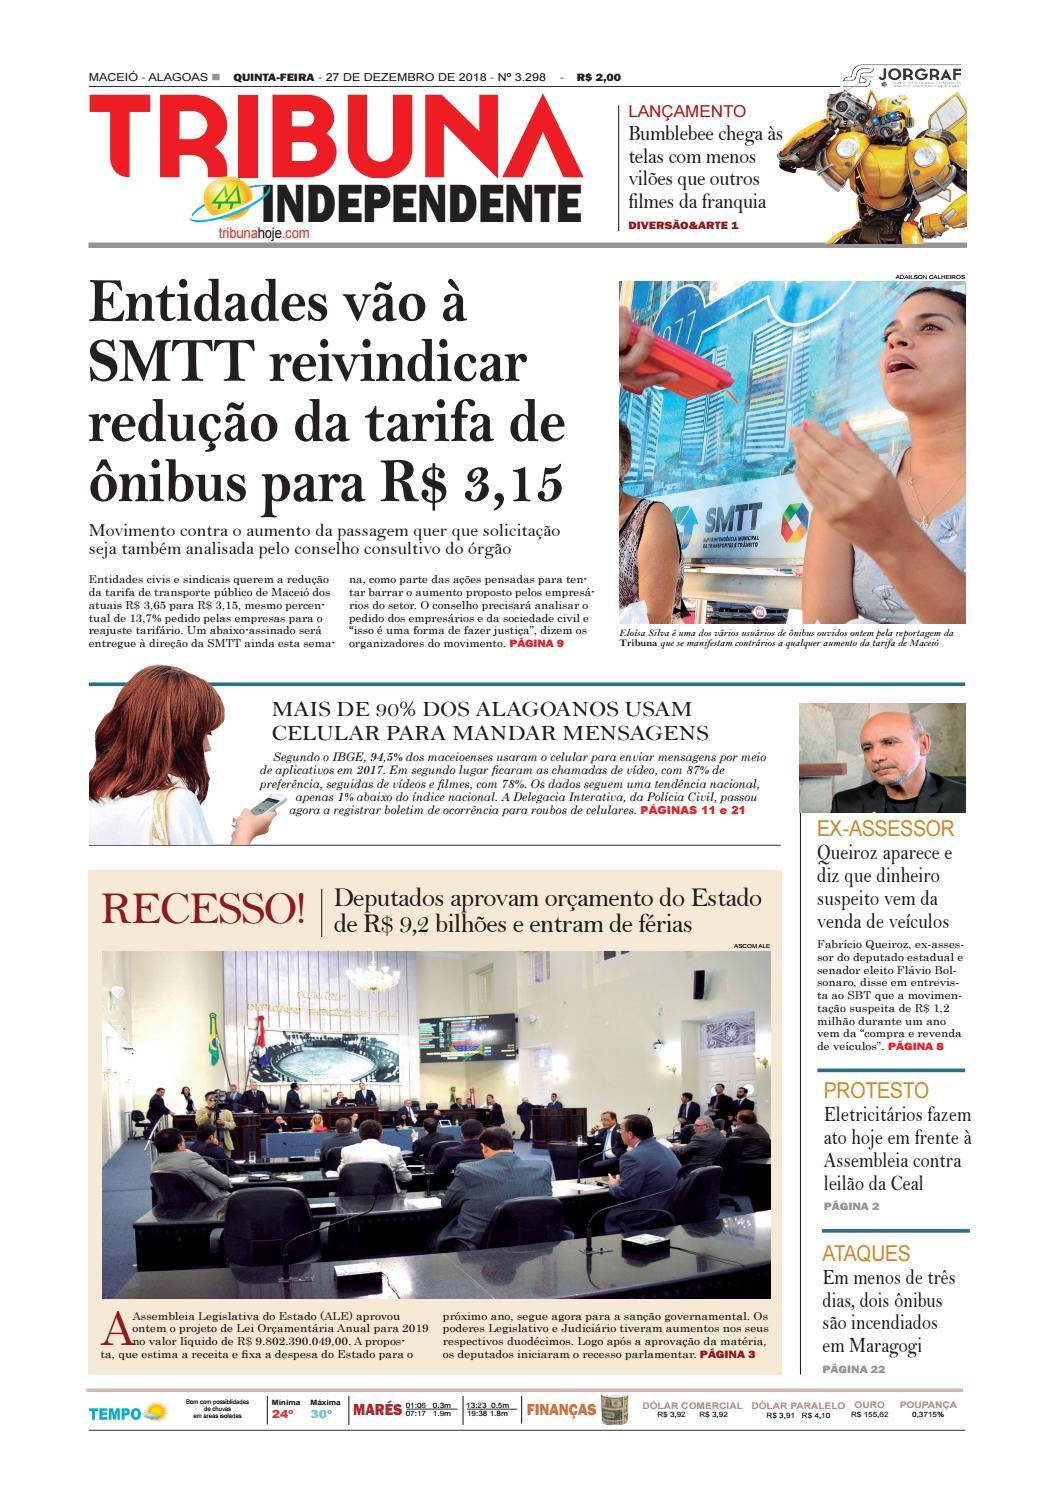 94975848d0c7e Edição número 3298 - 27 de dezembro de 2018 by Tribuna Hoje - issuu